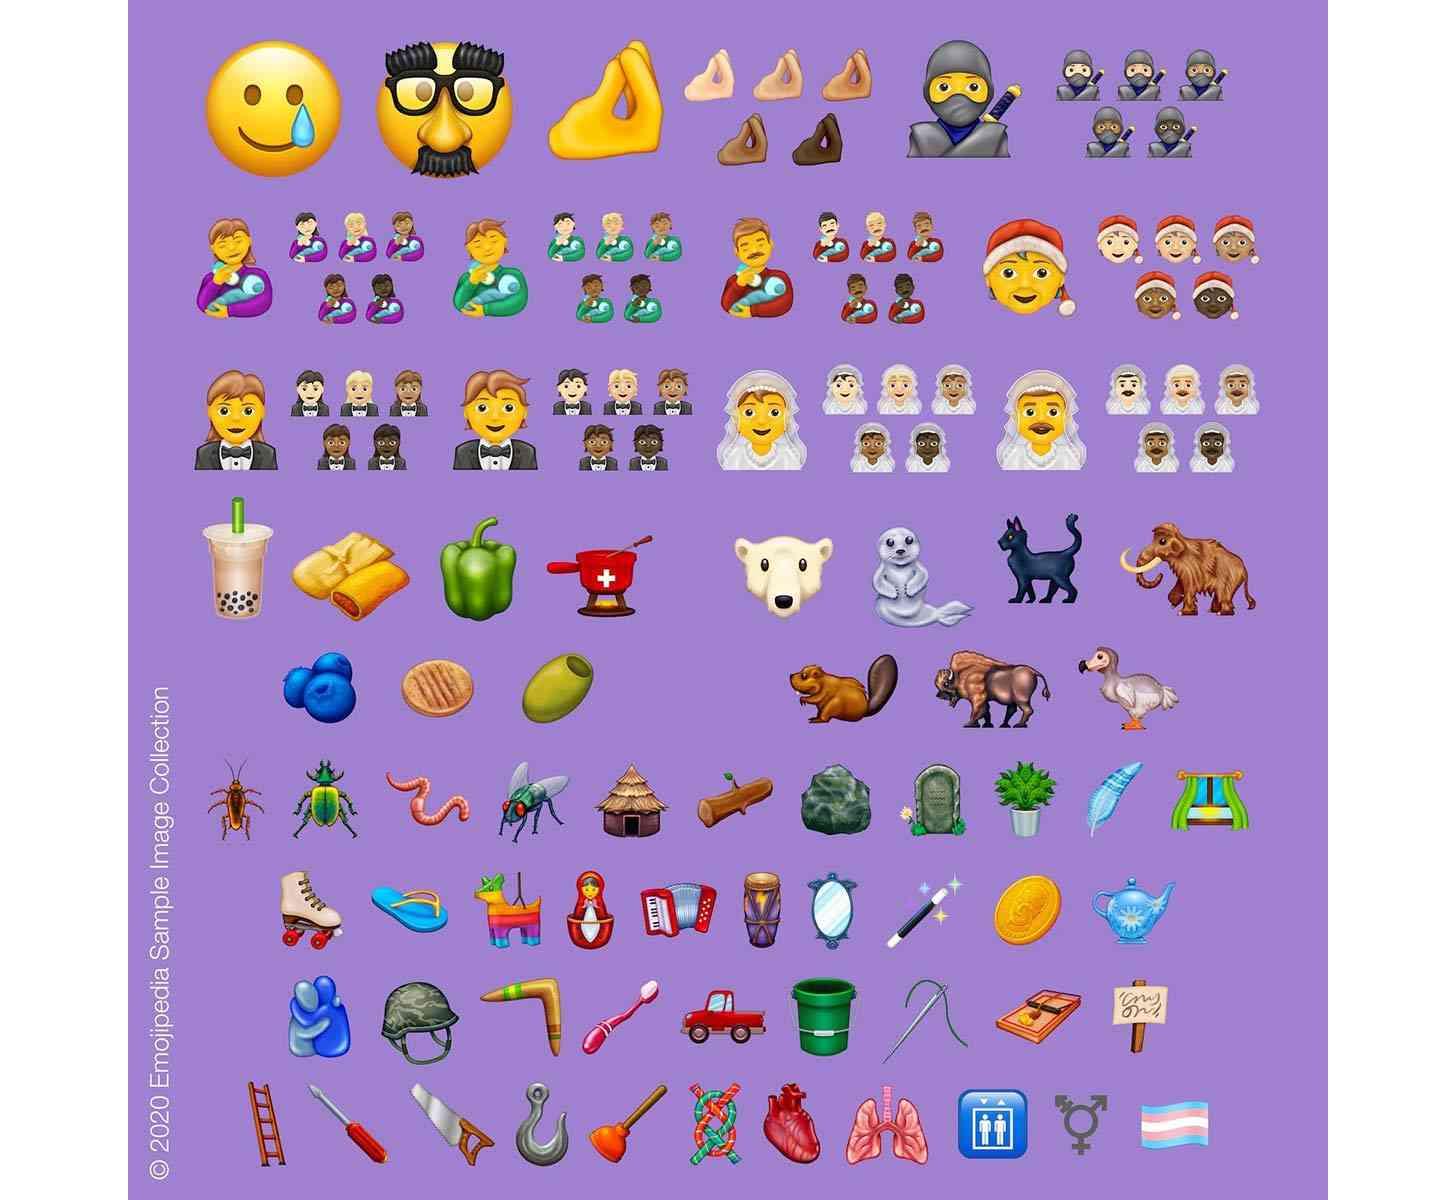 Emoji 13 release